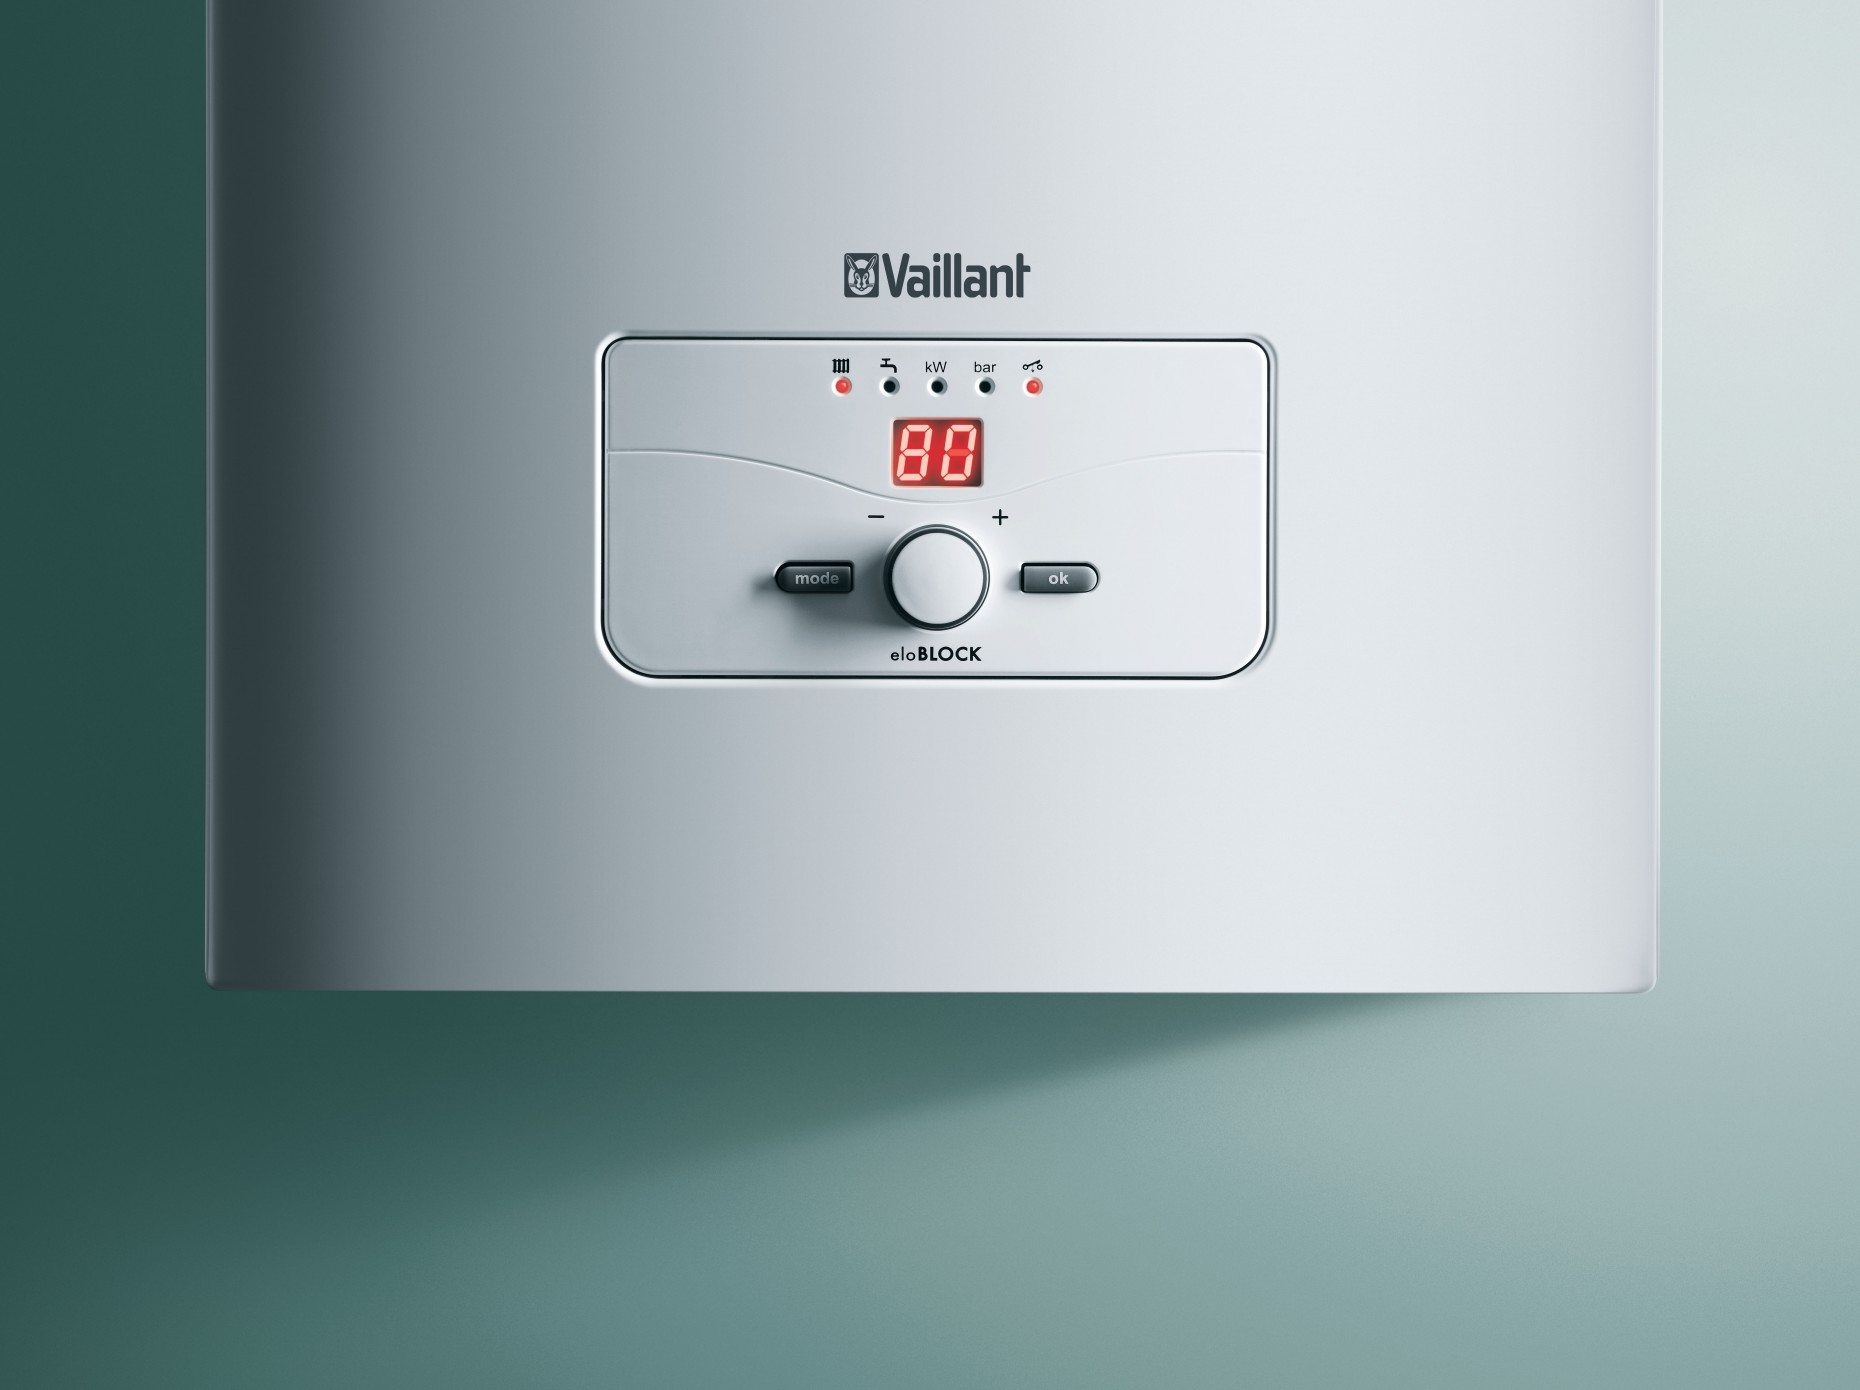 Температура теплоносителя на подаче в автономном отопительном контуре не поднимается выше 80 градусов.